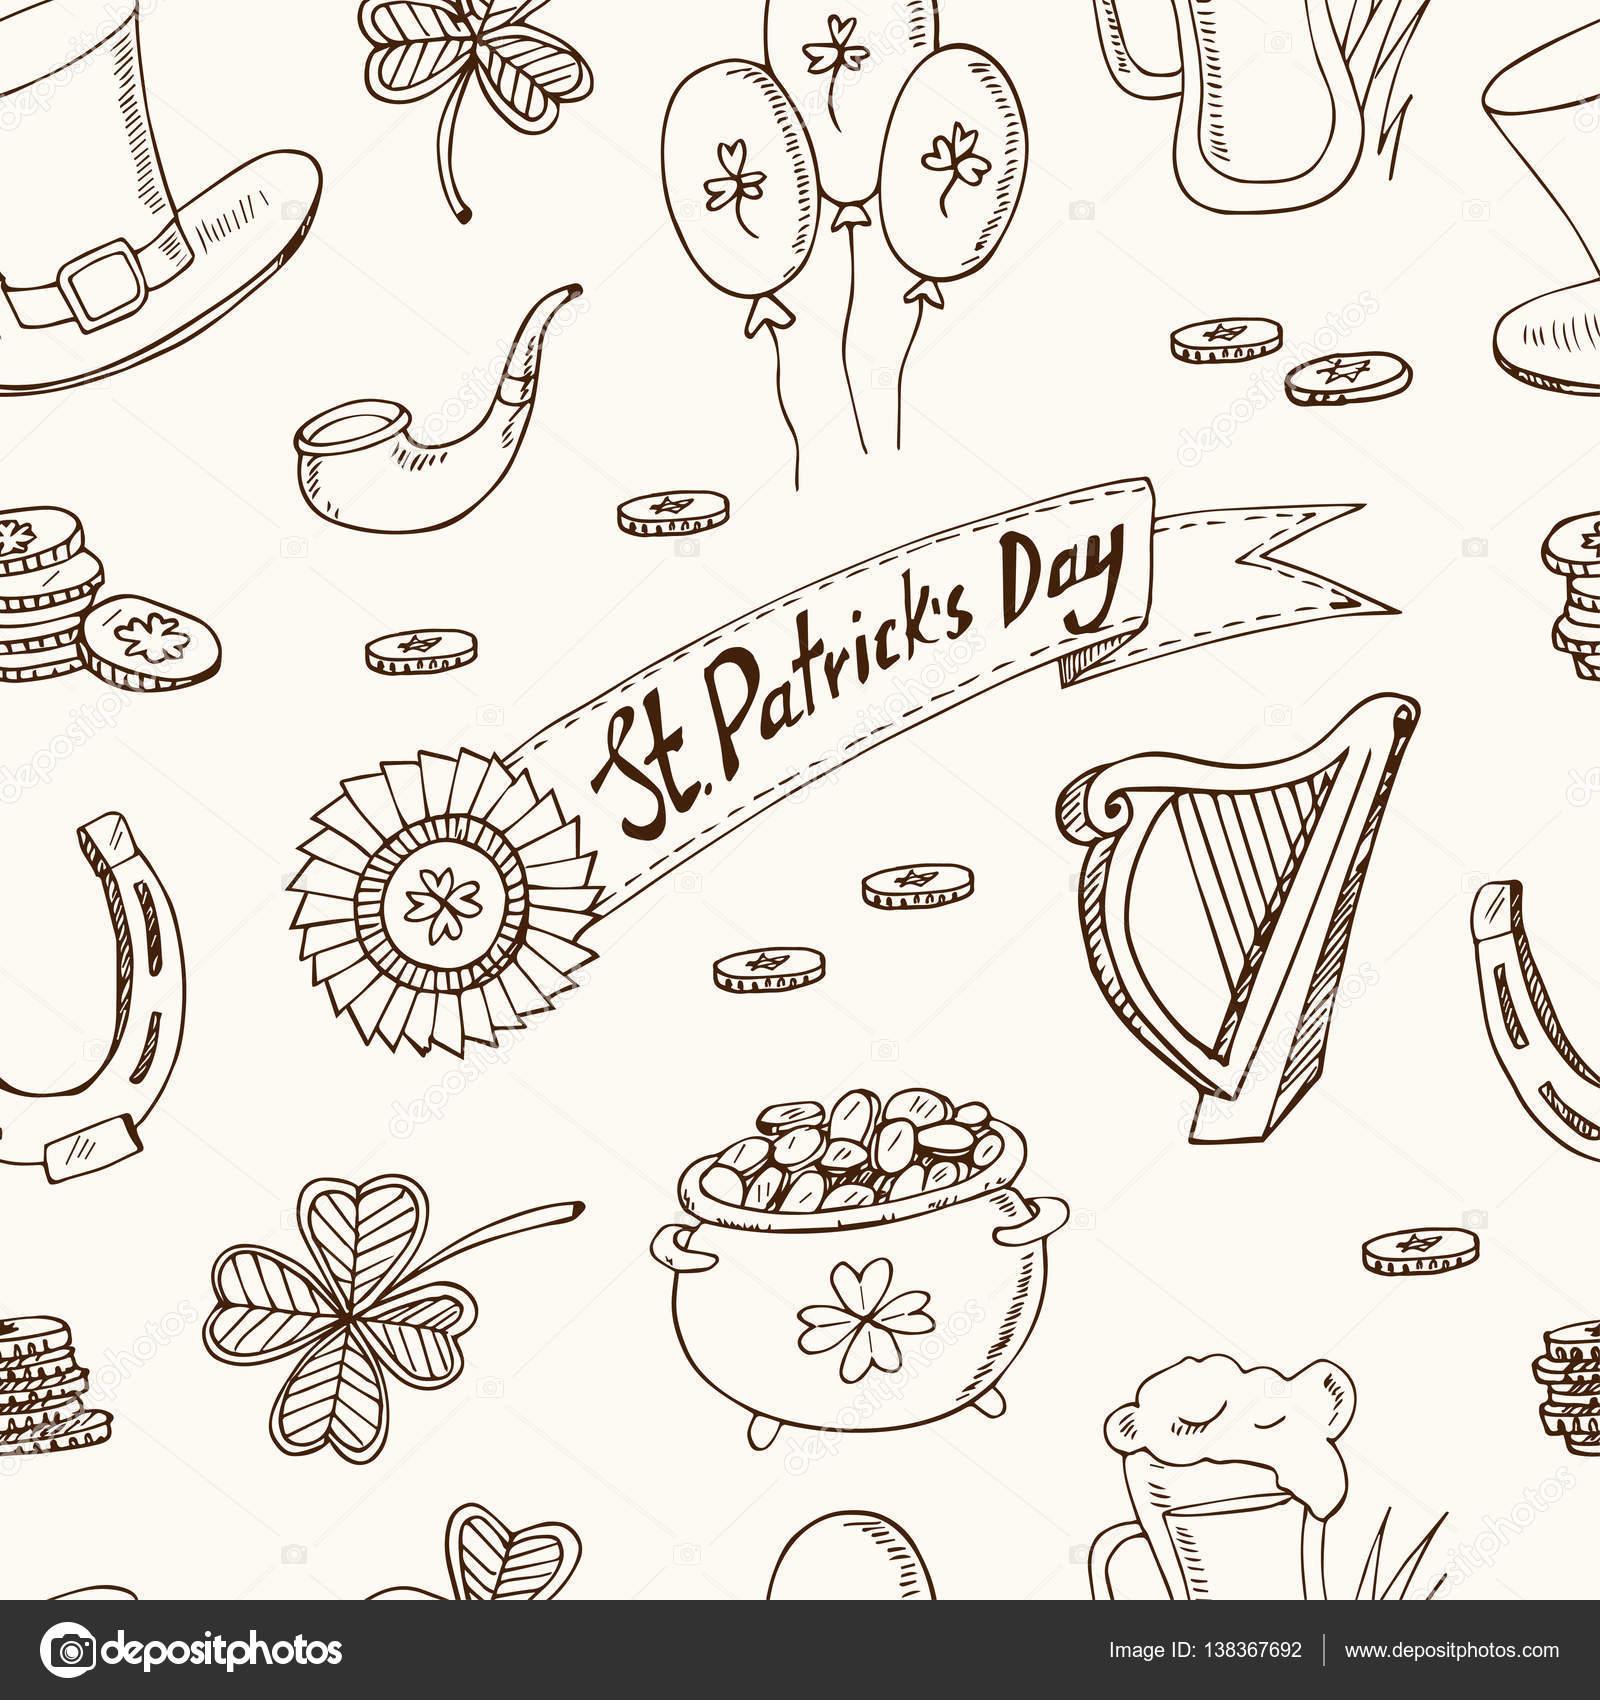 Ausgezeichnet St. Patricks Day Klee Malvorlagen Ideen - Malvorlagen ...